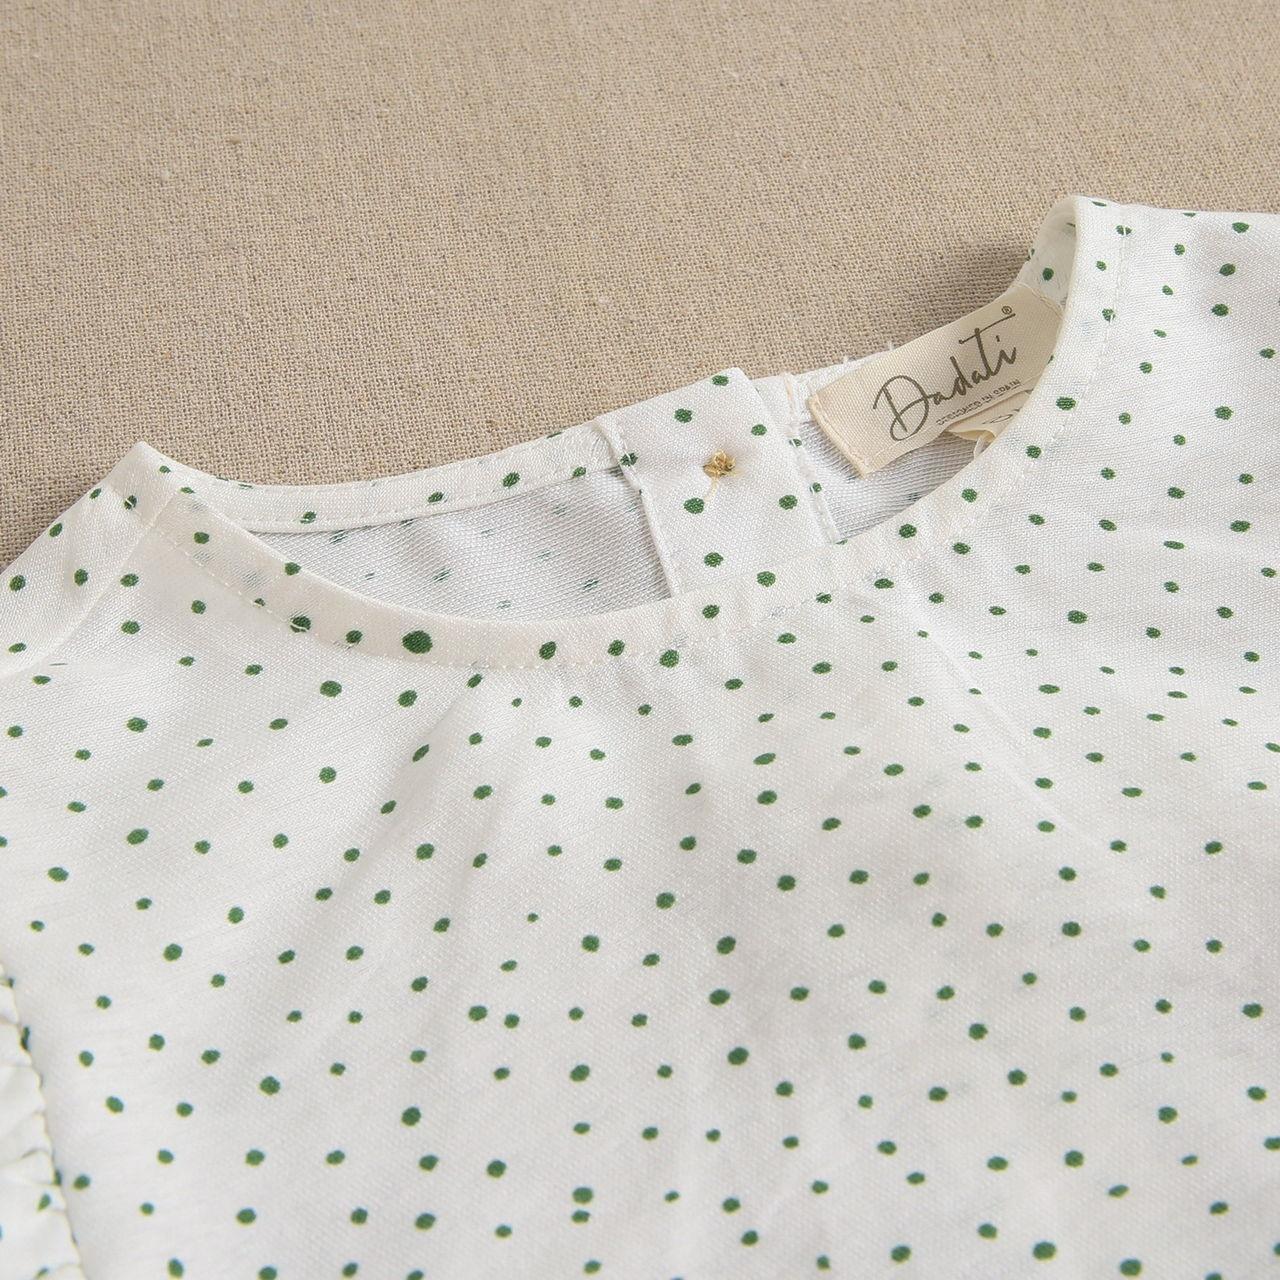 Imagen de Blusa teen crudo con topos verdes